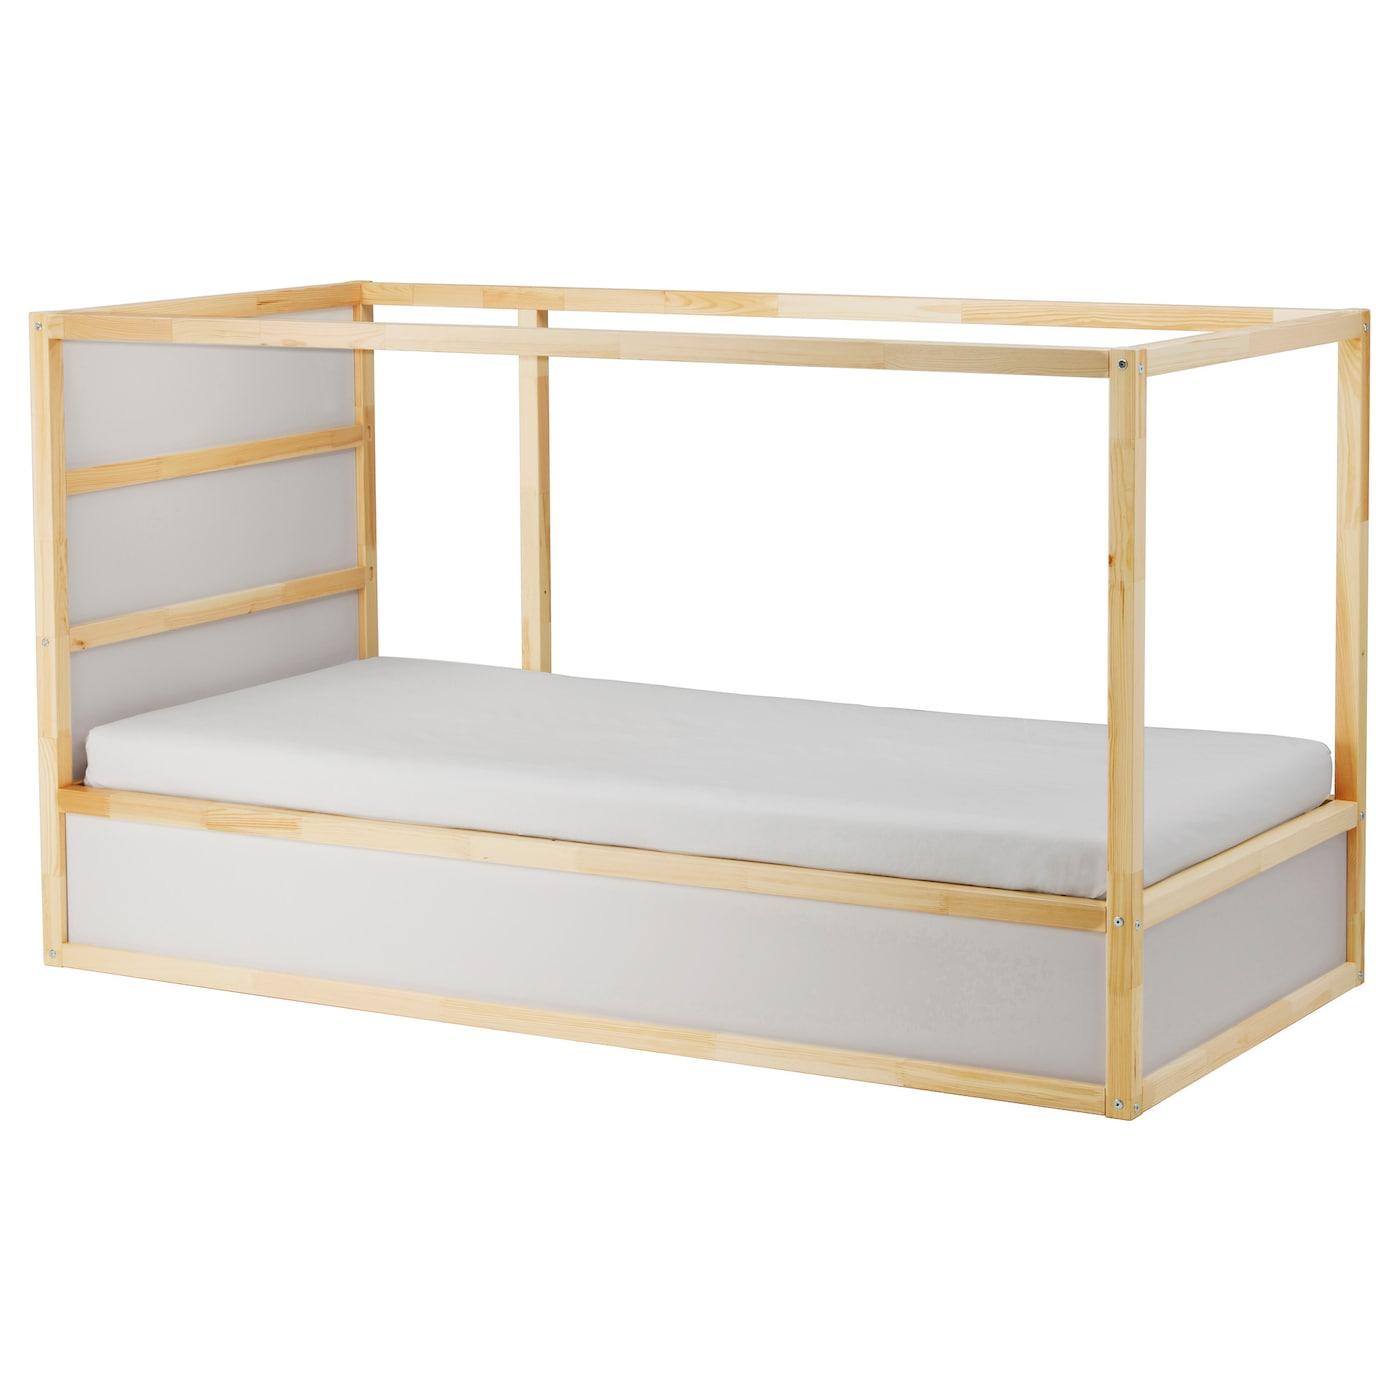 - KURA Bett - Umgedreht Wird Es Zum Hochbett - Ganz Flexibel. - IKEA